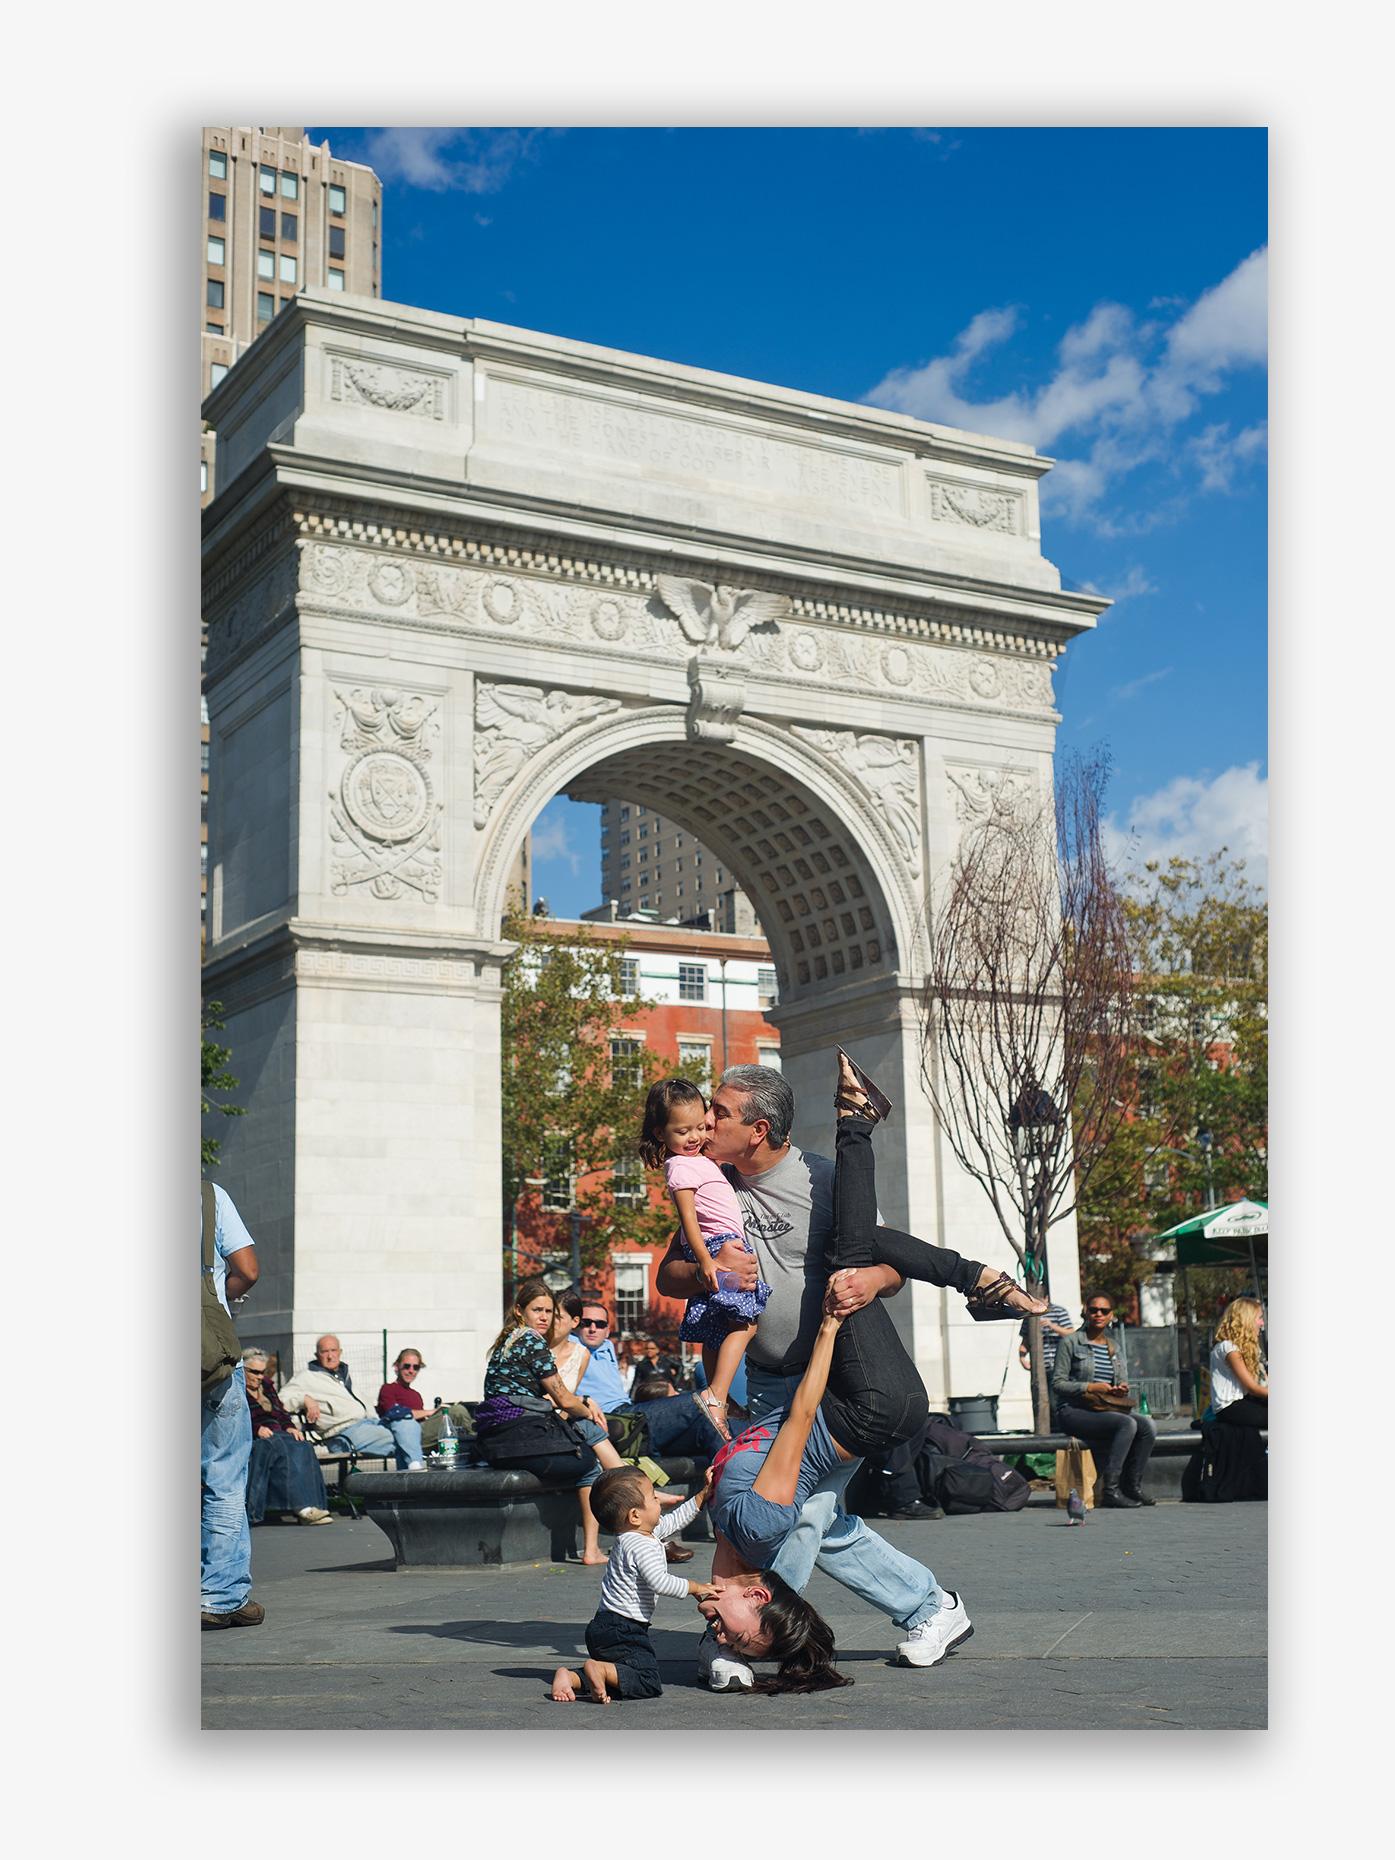 bk10_6.jpg main zoom image